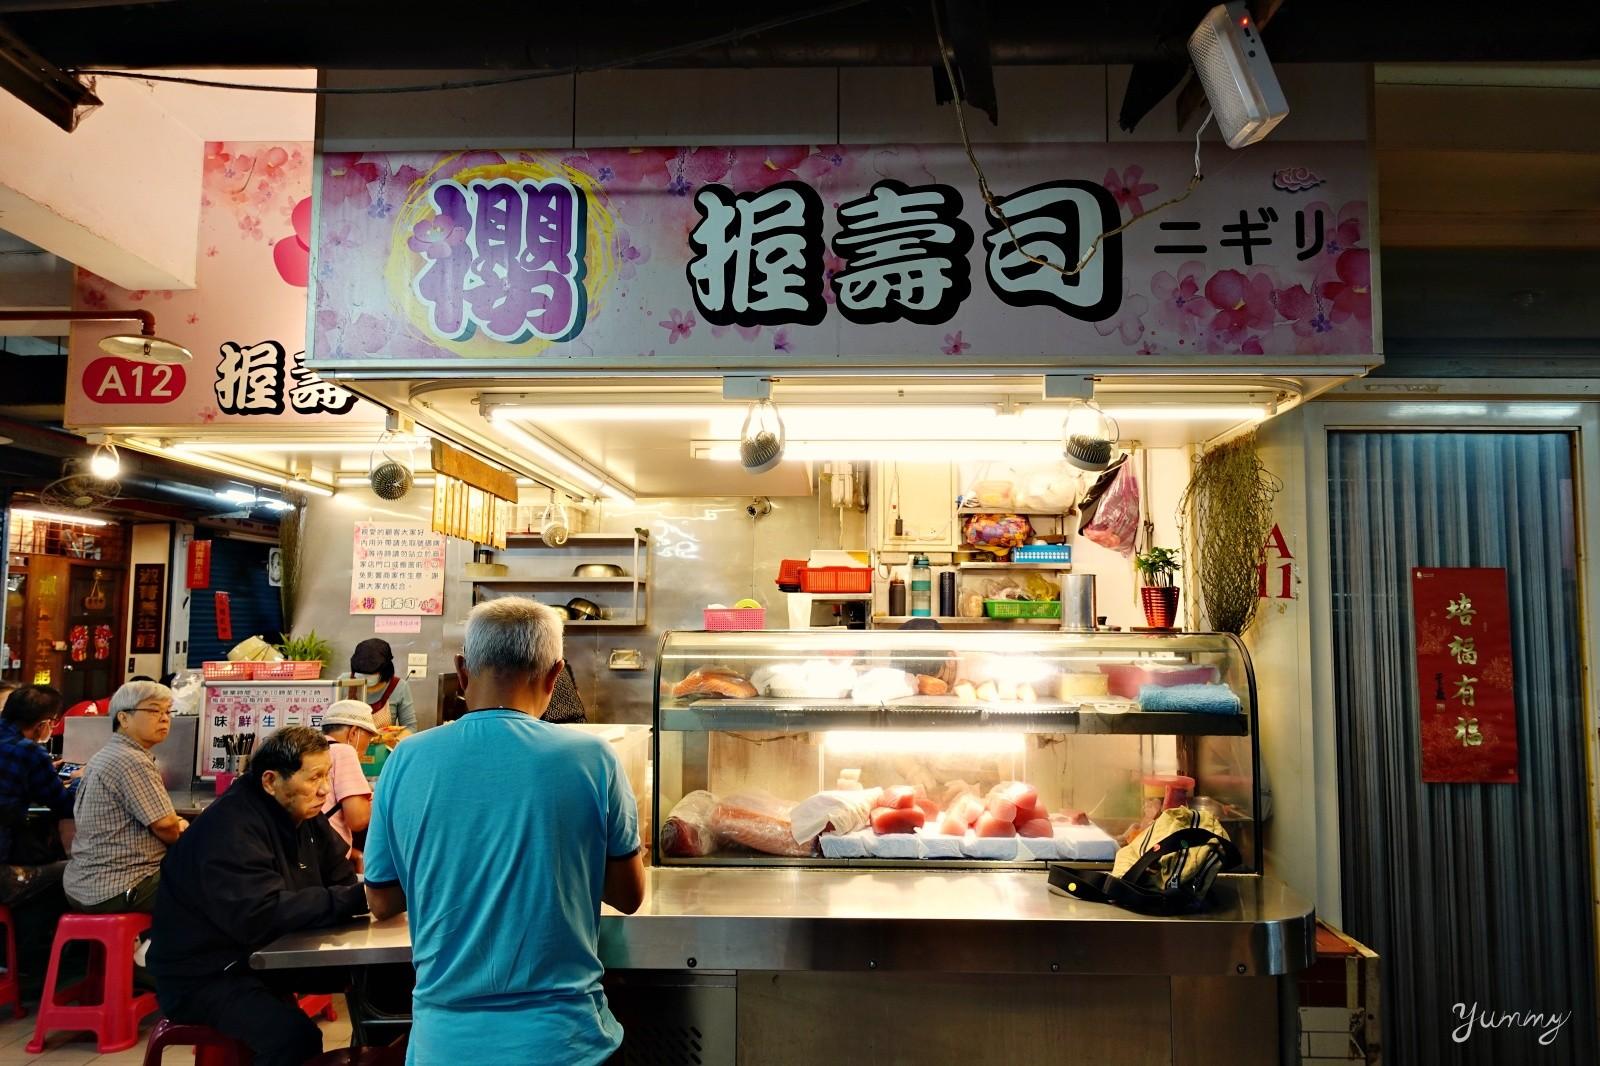 基隆美食推薦~仁愛市場必吃「櫻握壽司」平價握壽司超值美味!